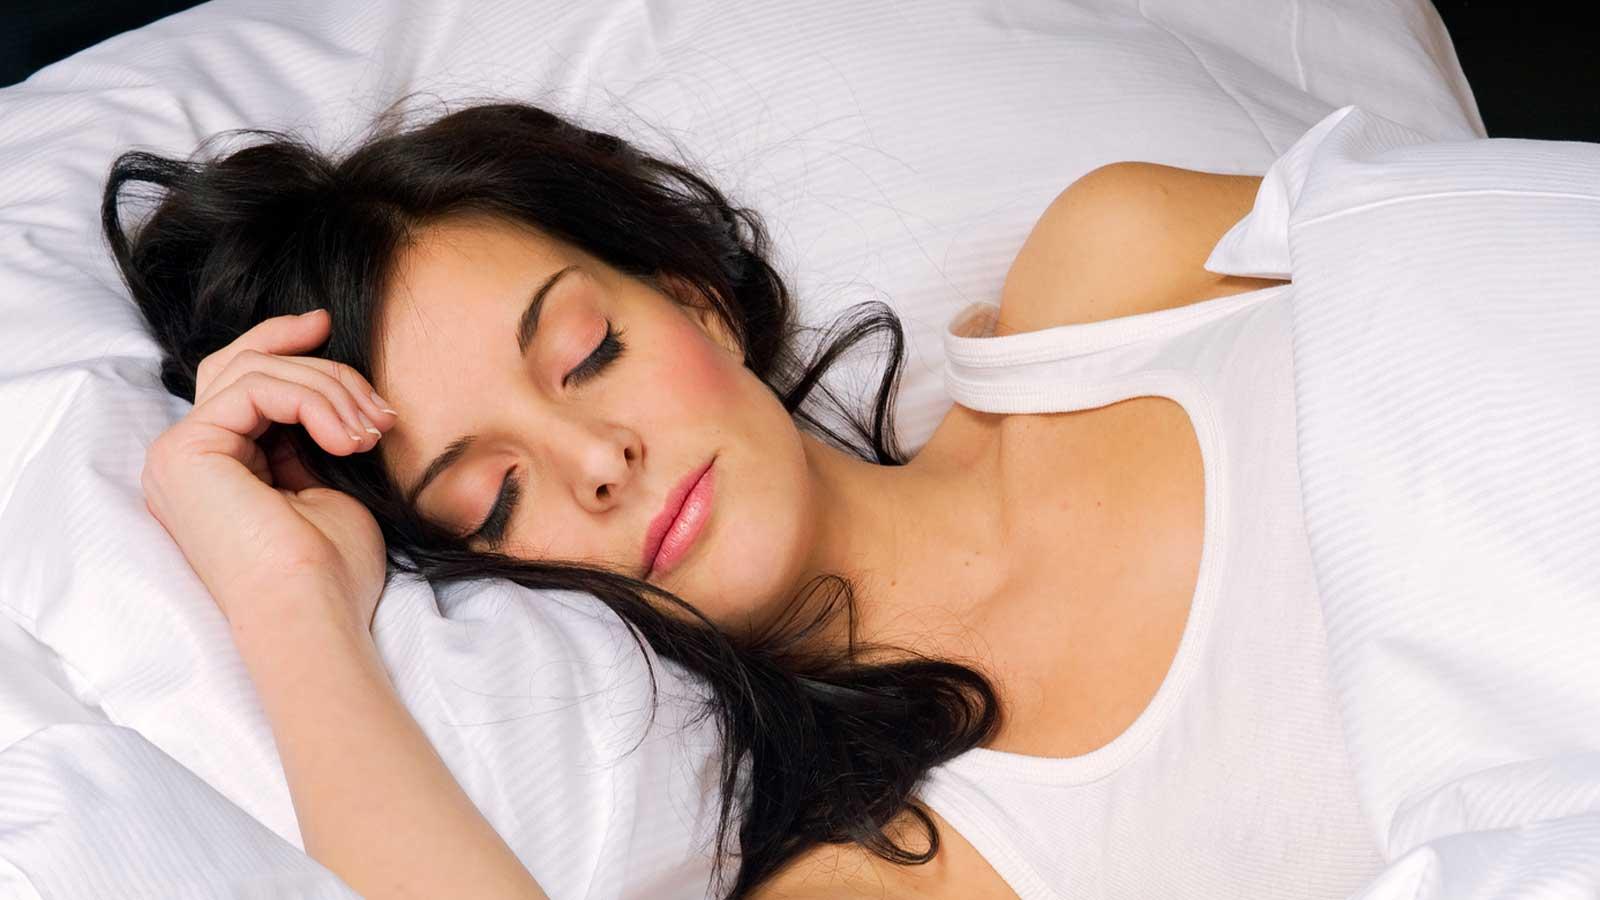 Sen to sztuka? Jak spać, żeby się wyspać?